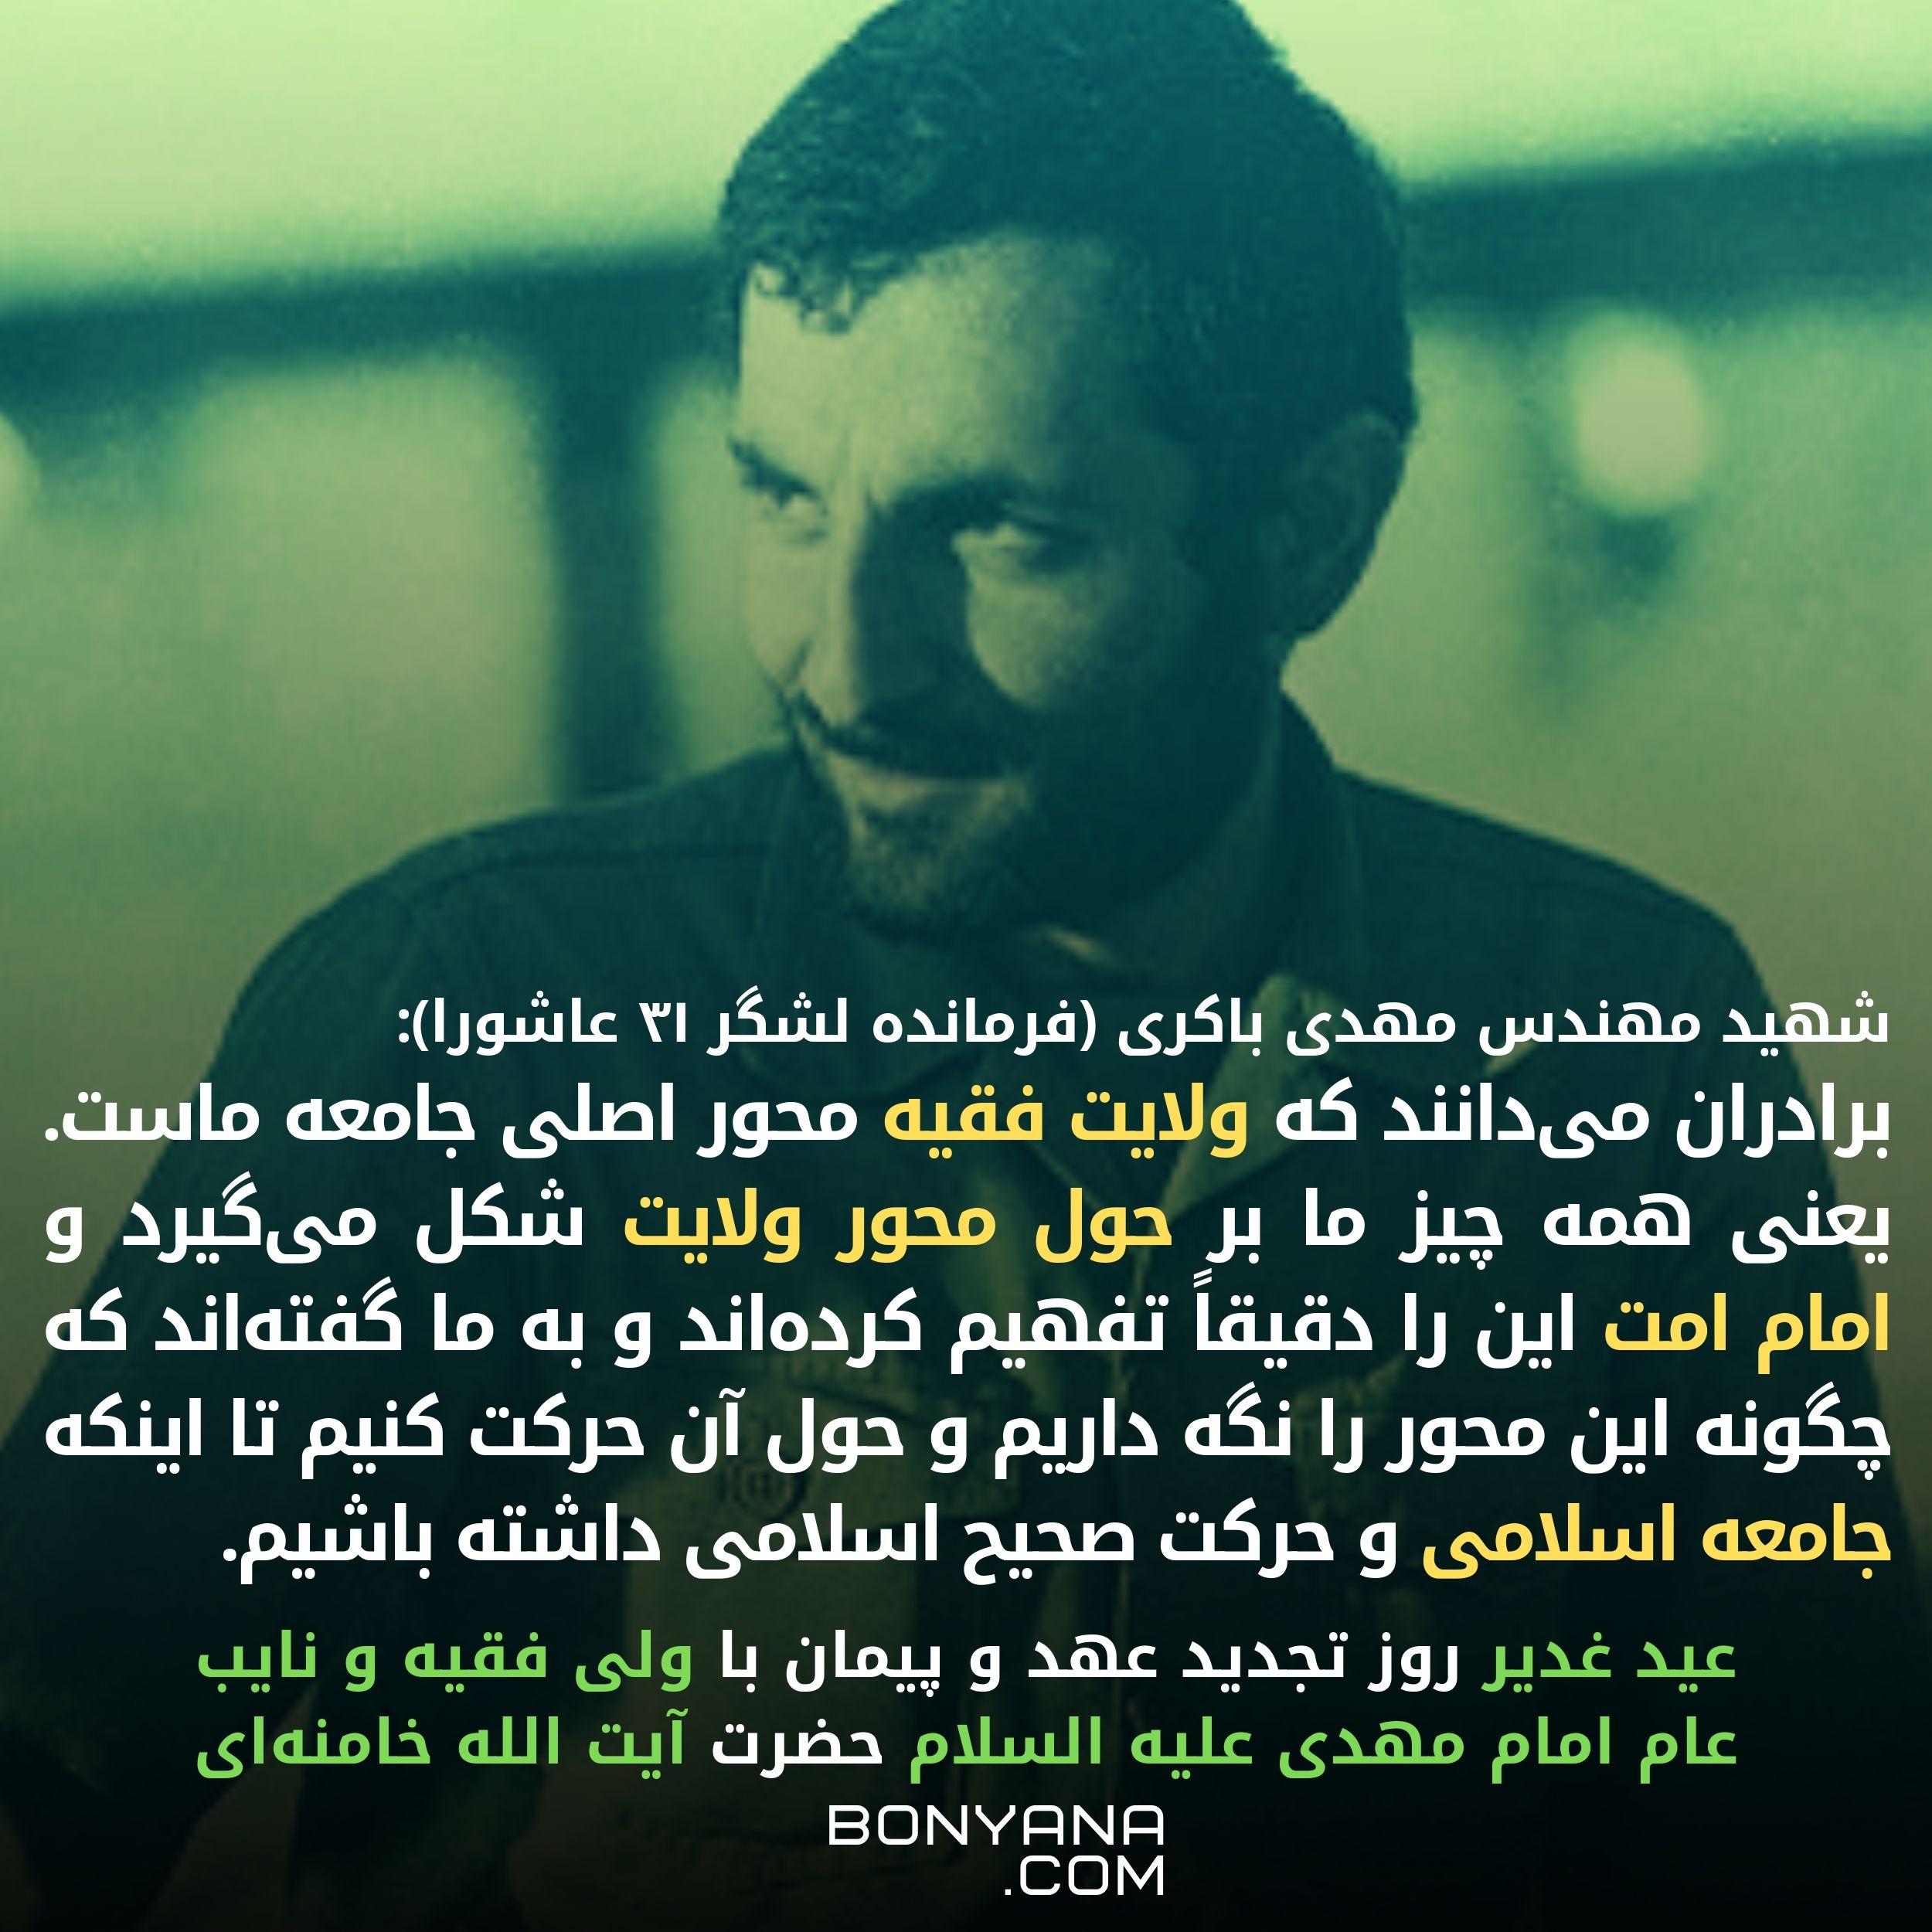 مهندس مهدی باکری